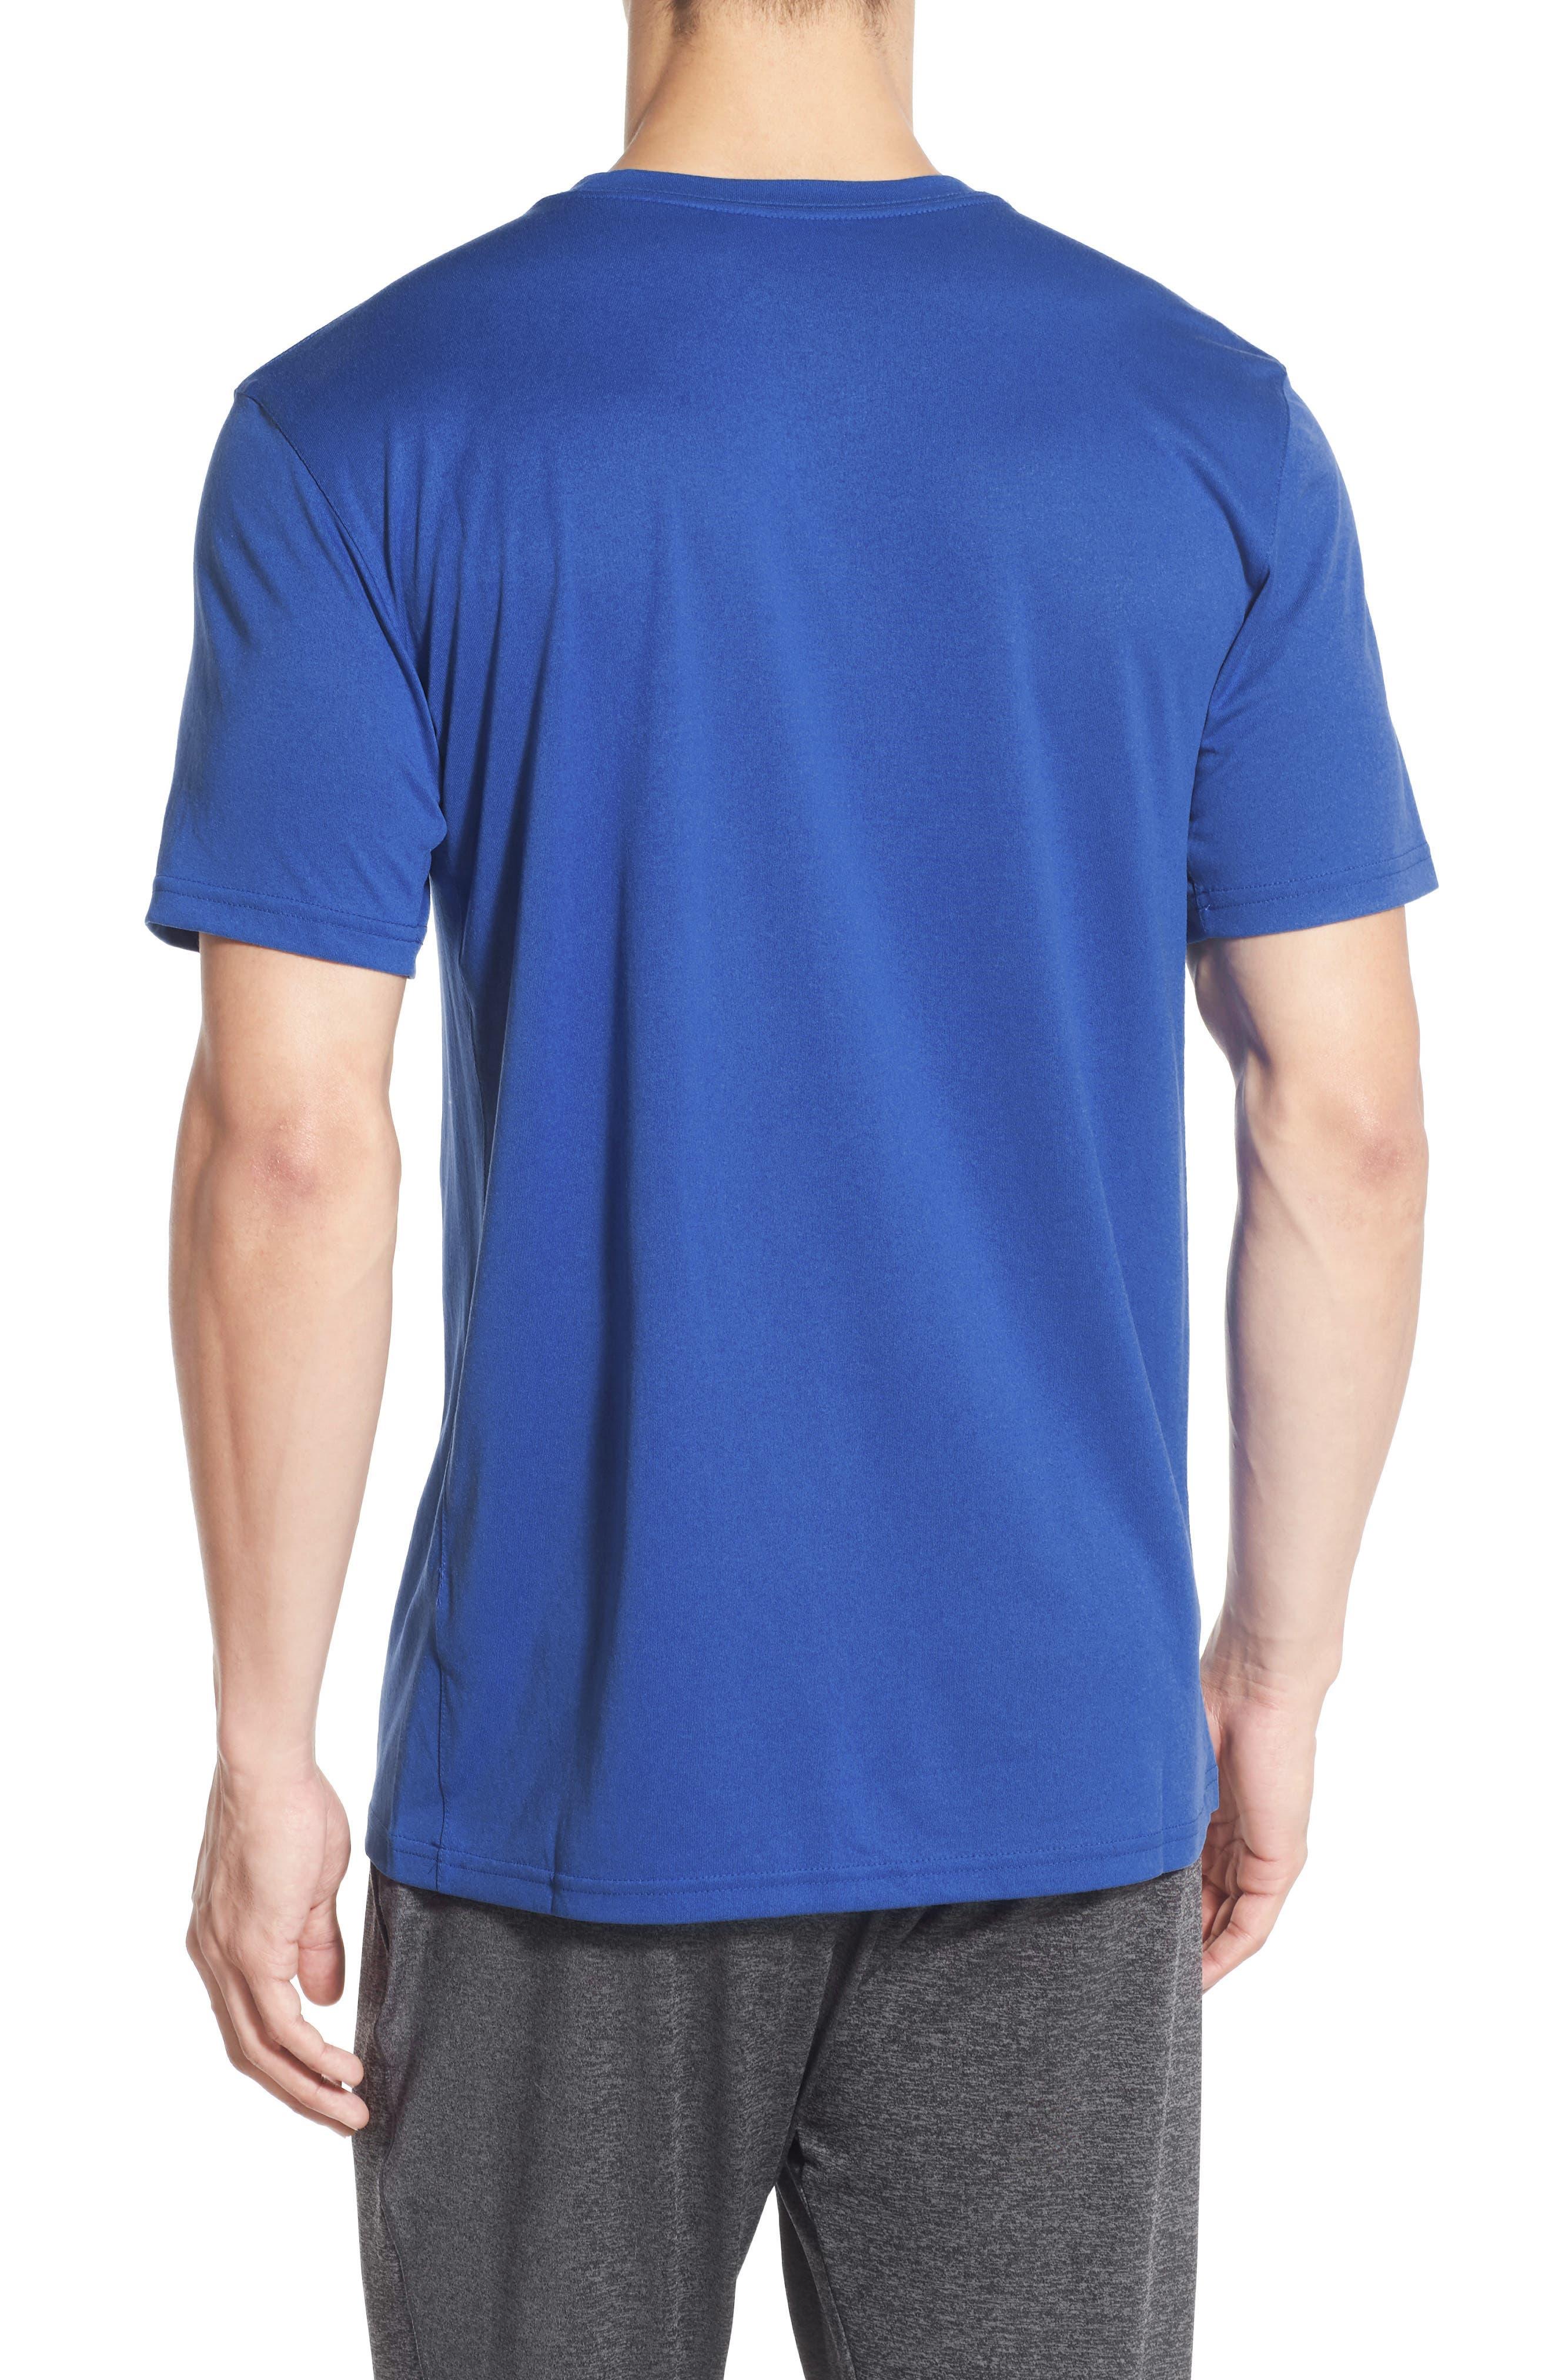 'Legend 2.0' Dri-FIT Training T-Shirt,                             Main thumbnail 1, color,                             GAME ROYAL/ BLACK/ BLACK